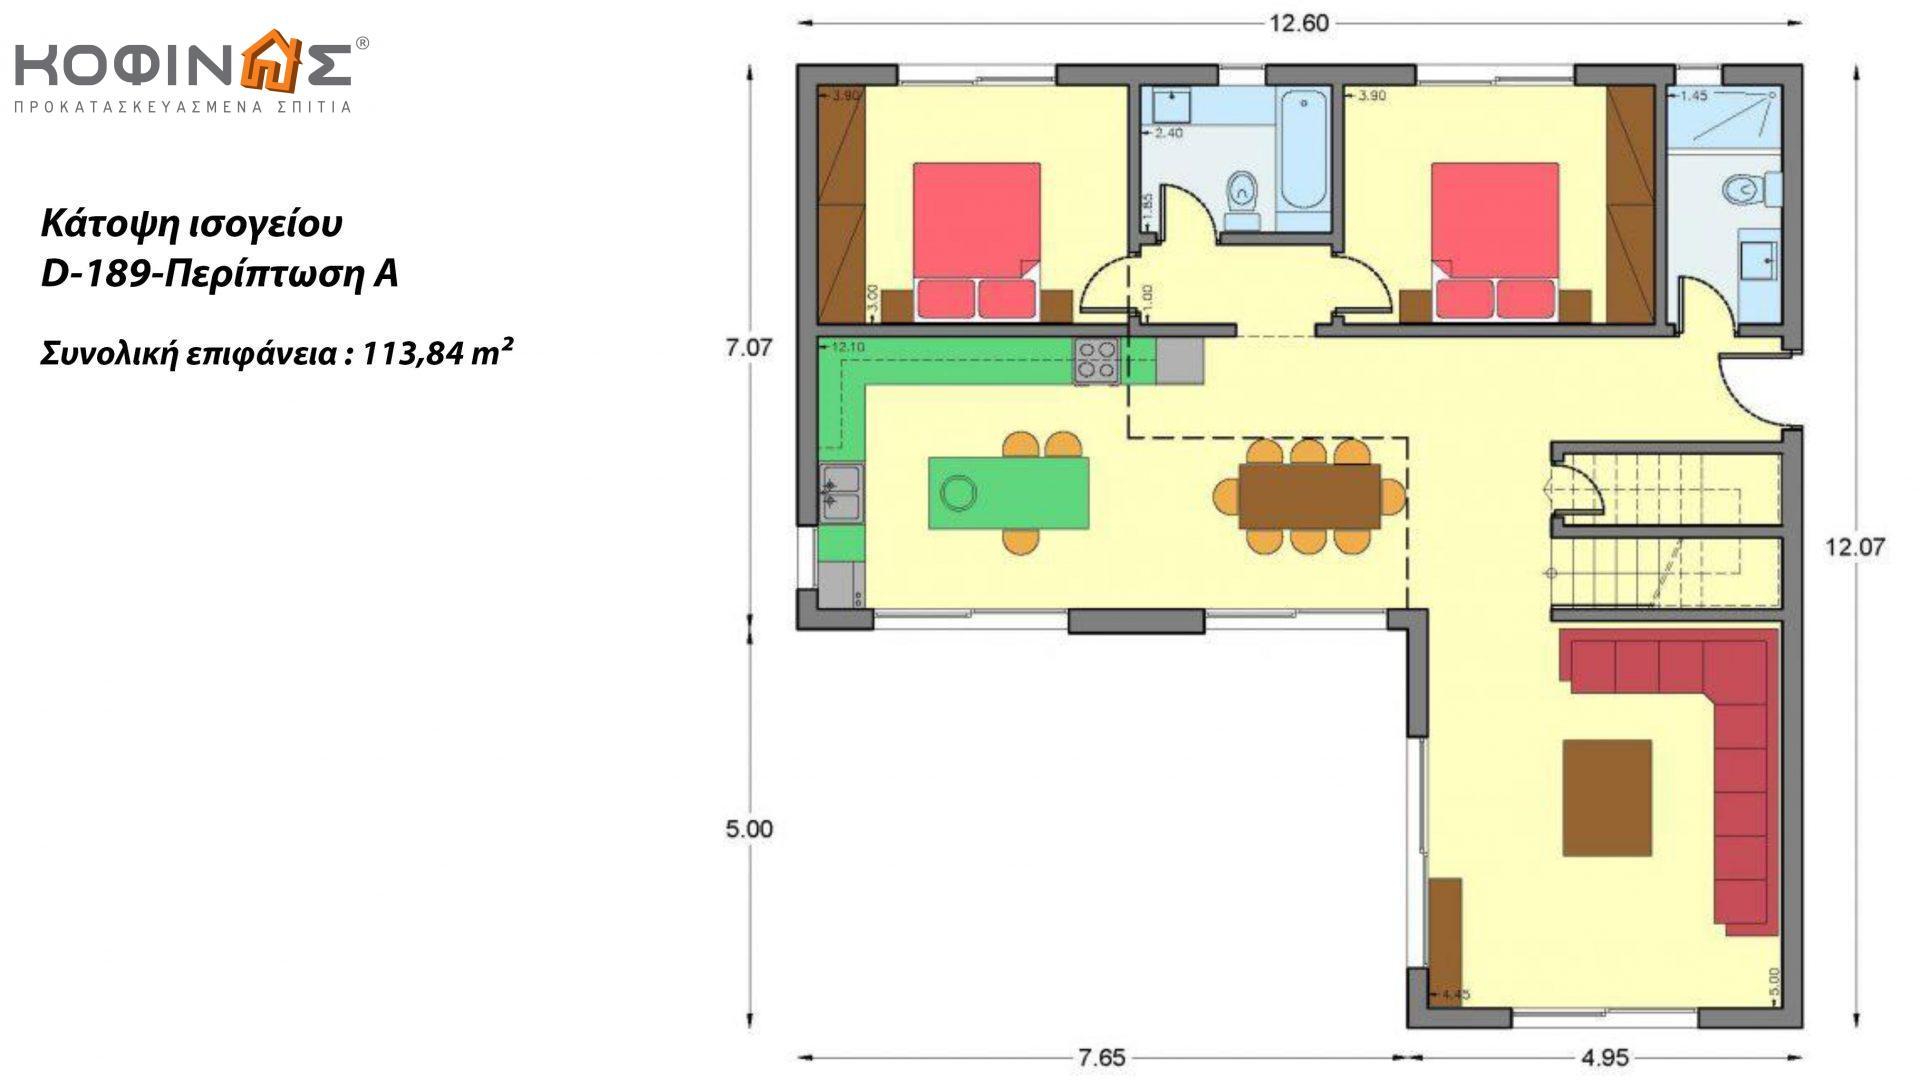 Διώροφη Κατοικία D-189, συνολικής επιφάνειας 189.61 τ.μ.